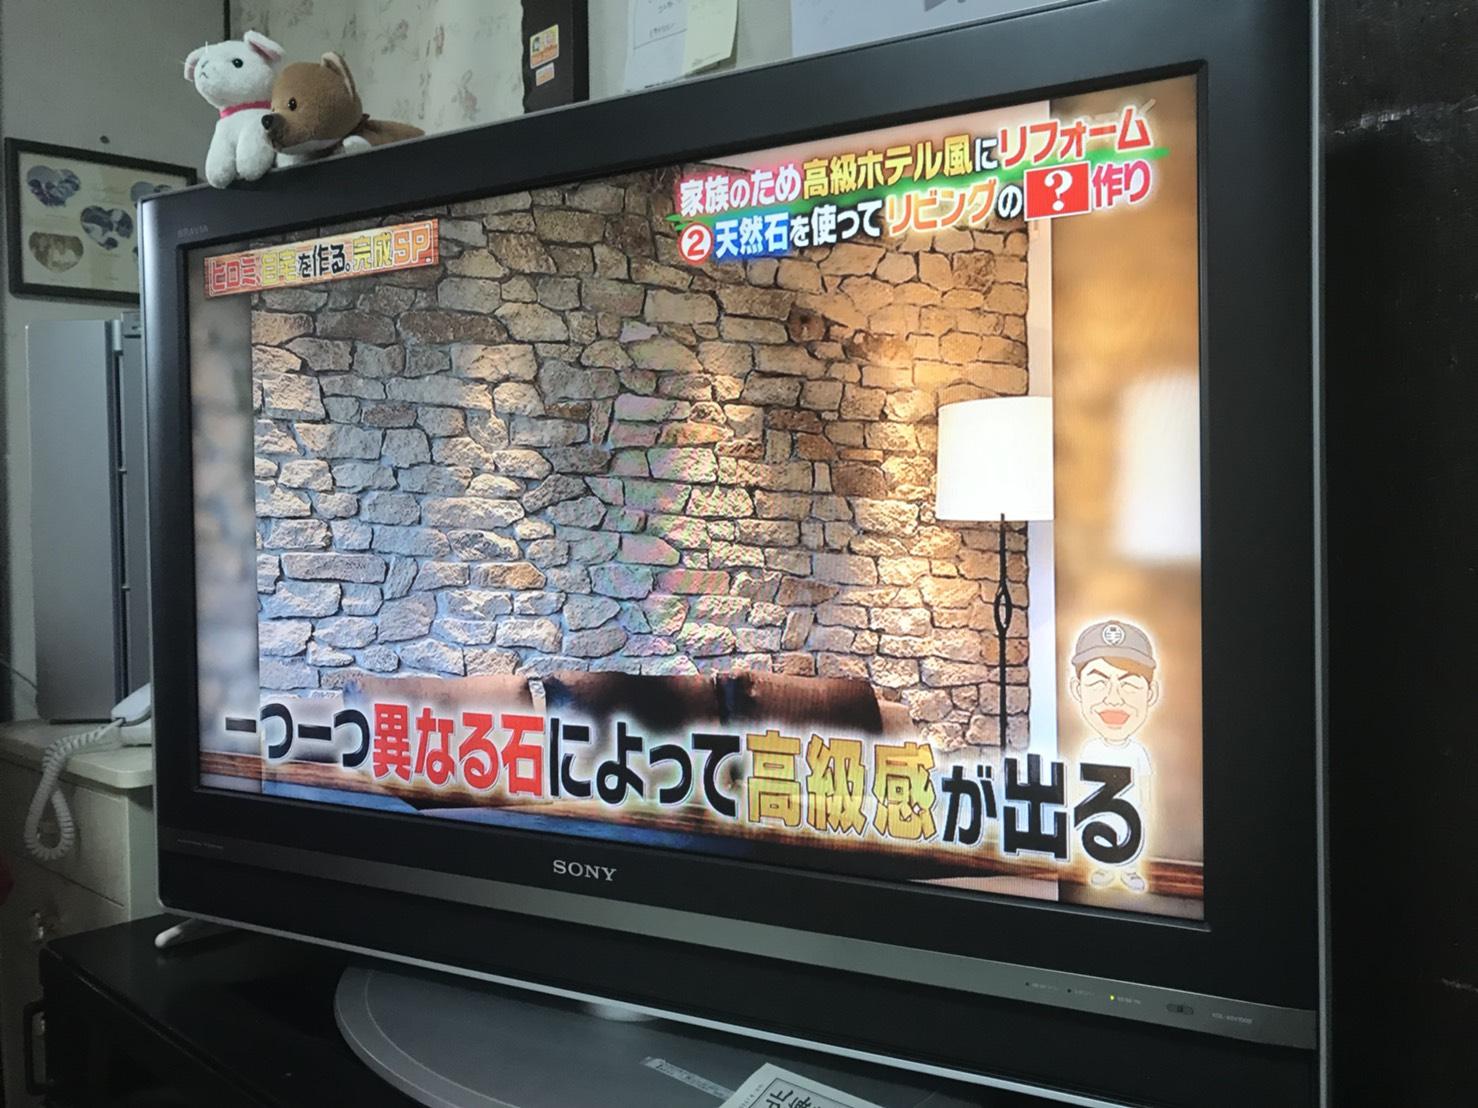 11月22日 水曜日のひとログ(。・Д・)ゞ 29人乗りレンタカーバスあり〼!!TOMMY☆本日も2台ご成約!!_b0127002_16241914.jpg